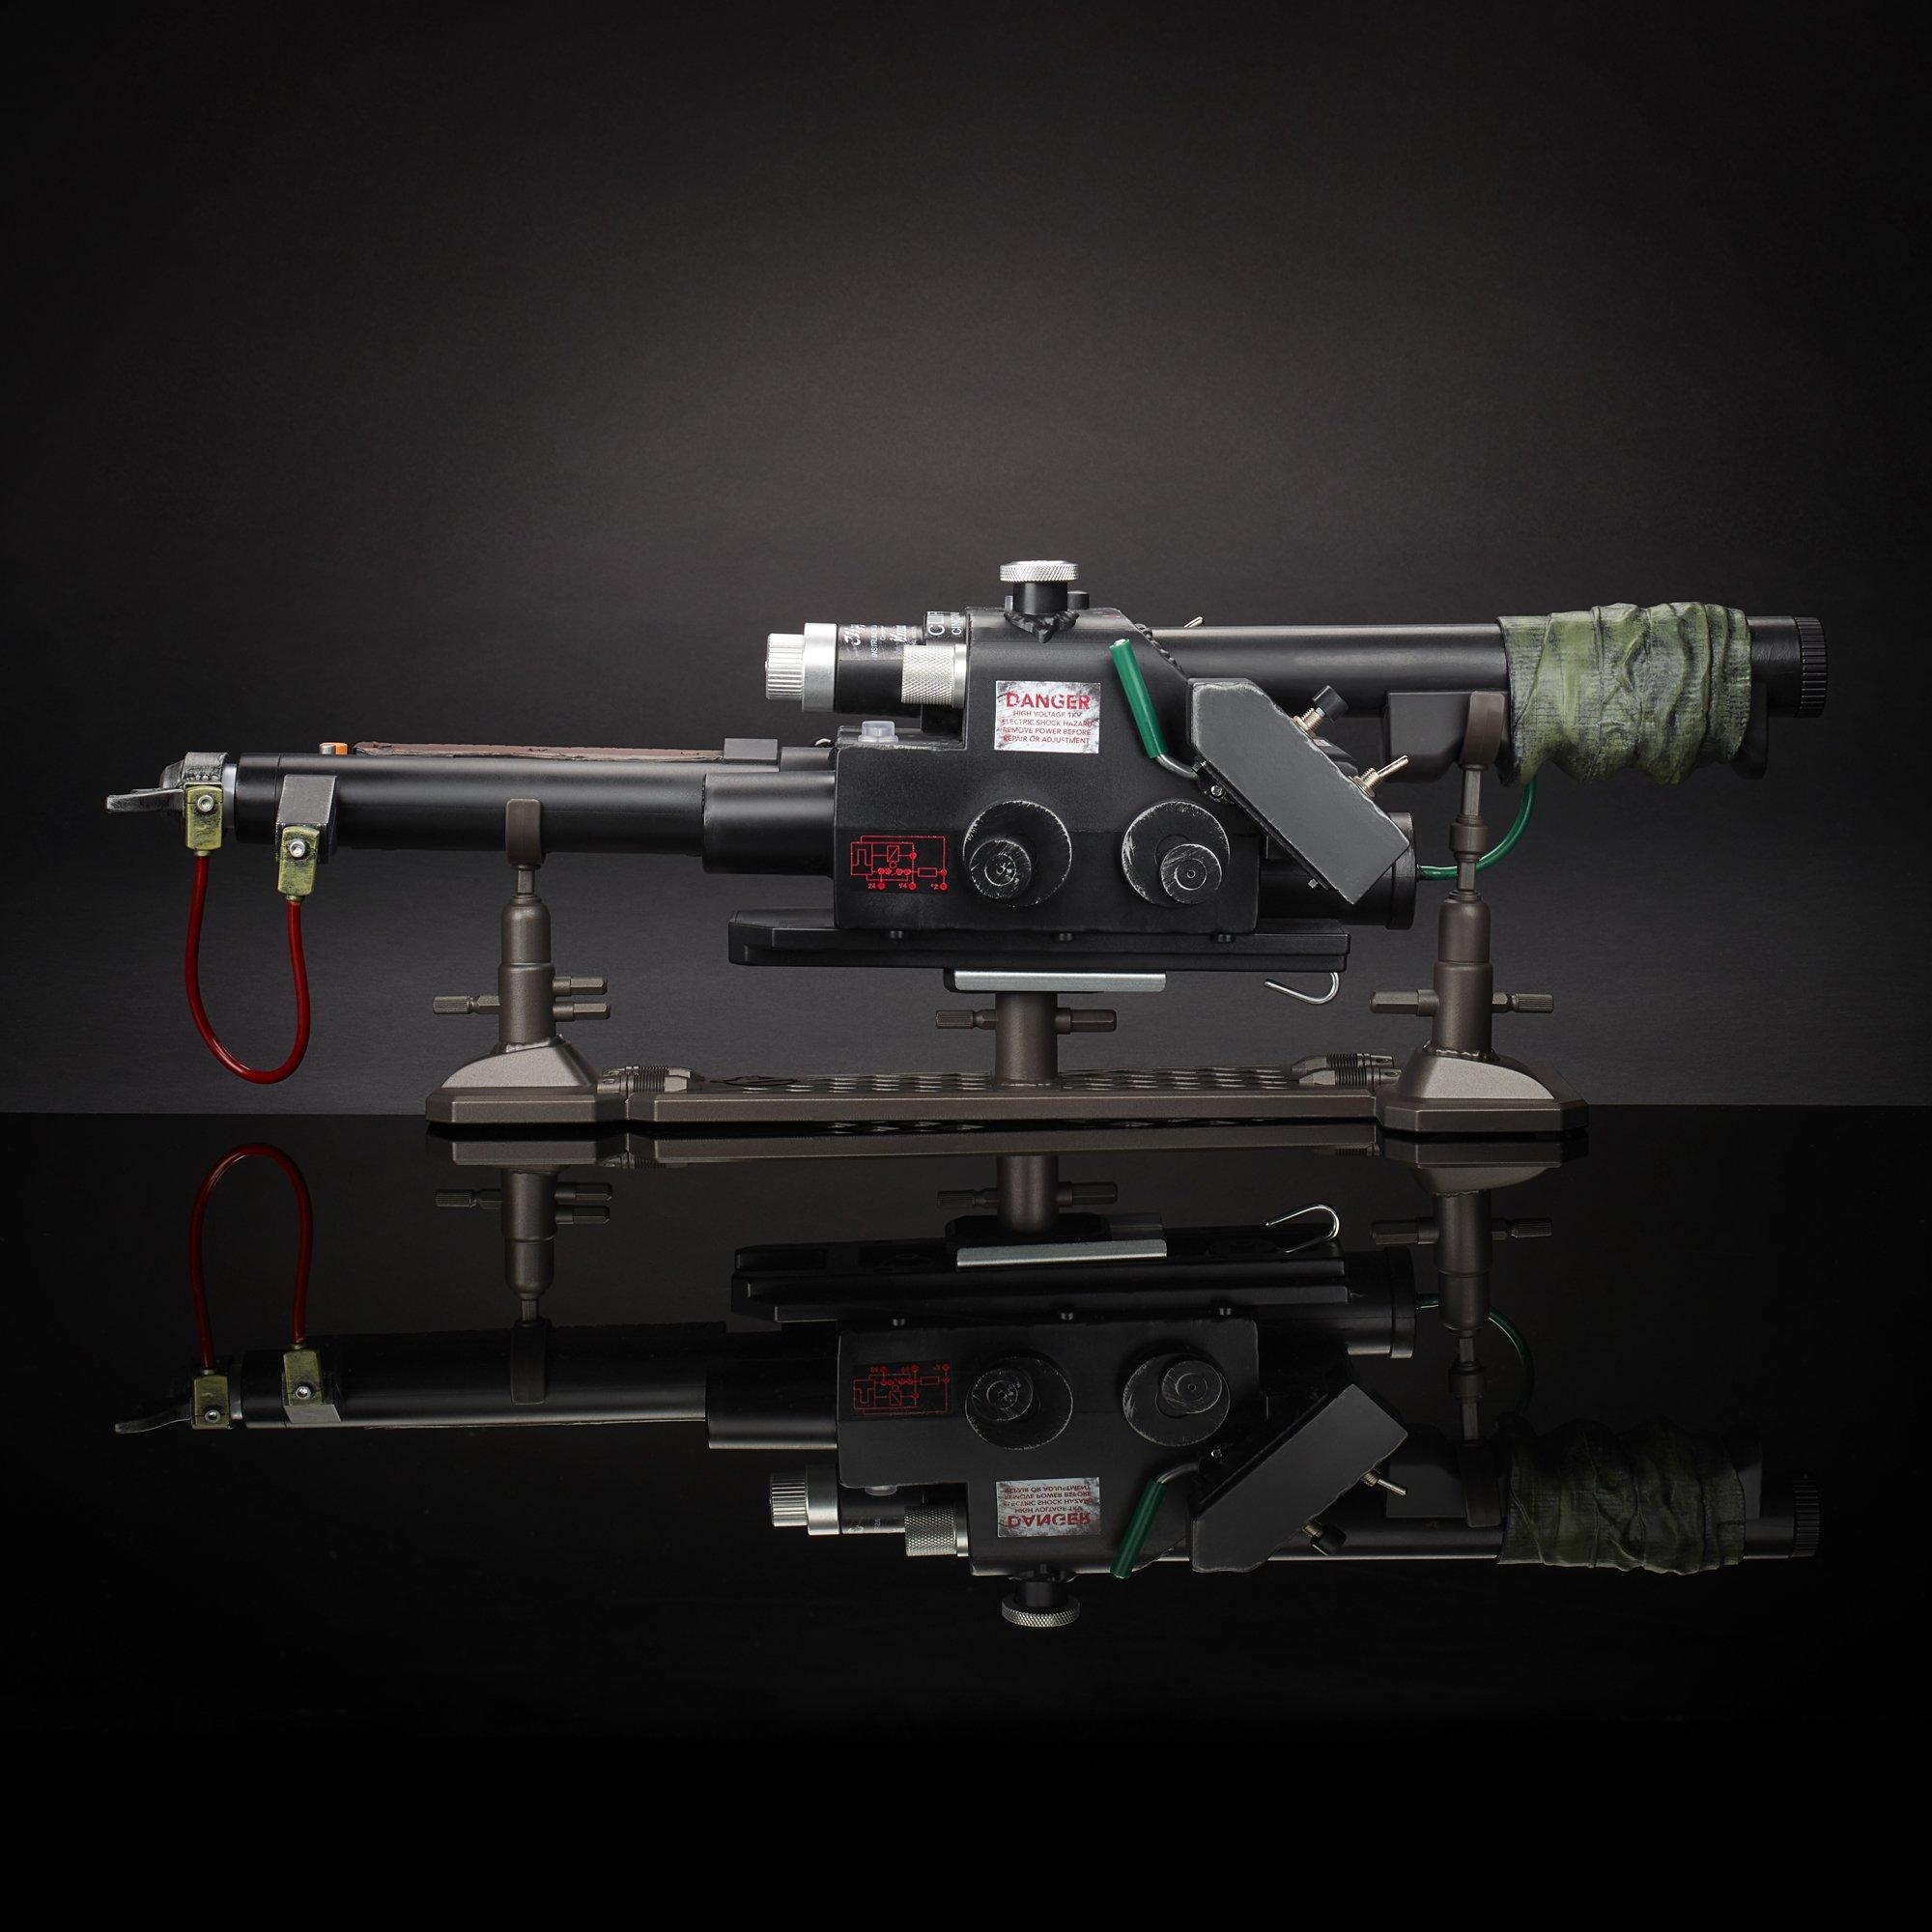 Réplica Lançador de Partículas Plasma Spengler's Neutrona Wand Os Caça Fantasmas Ghostbusters E9562 - Hasbro